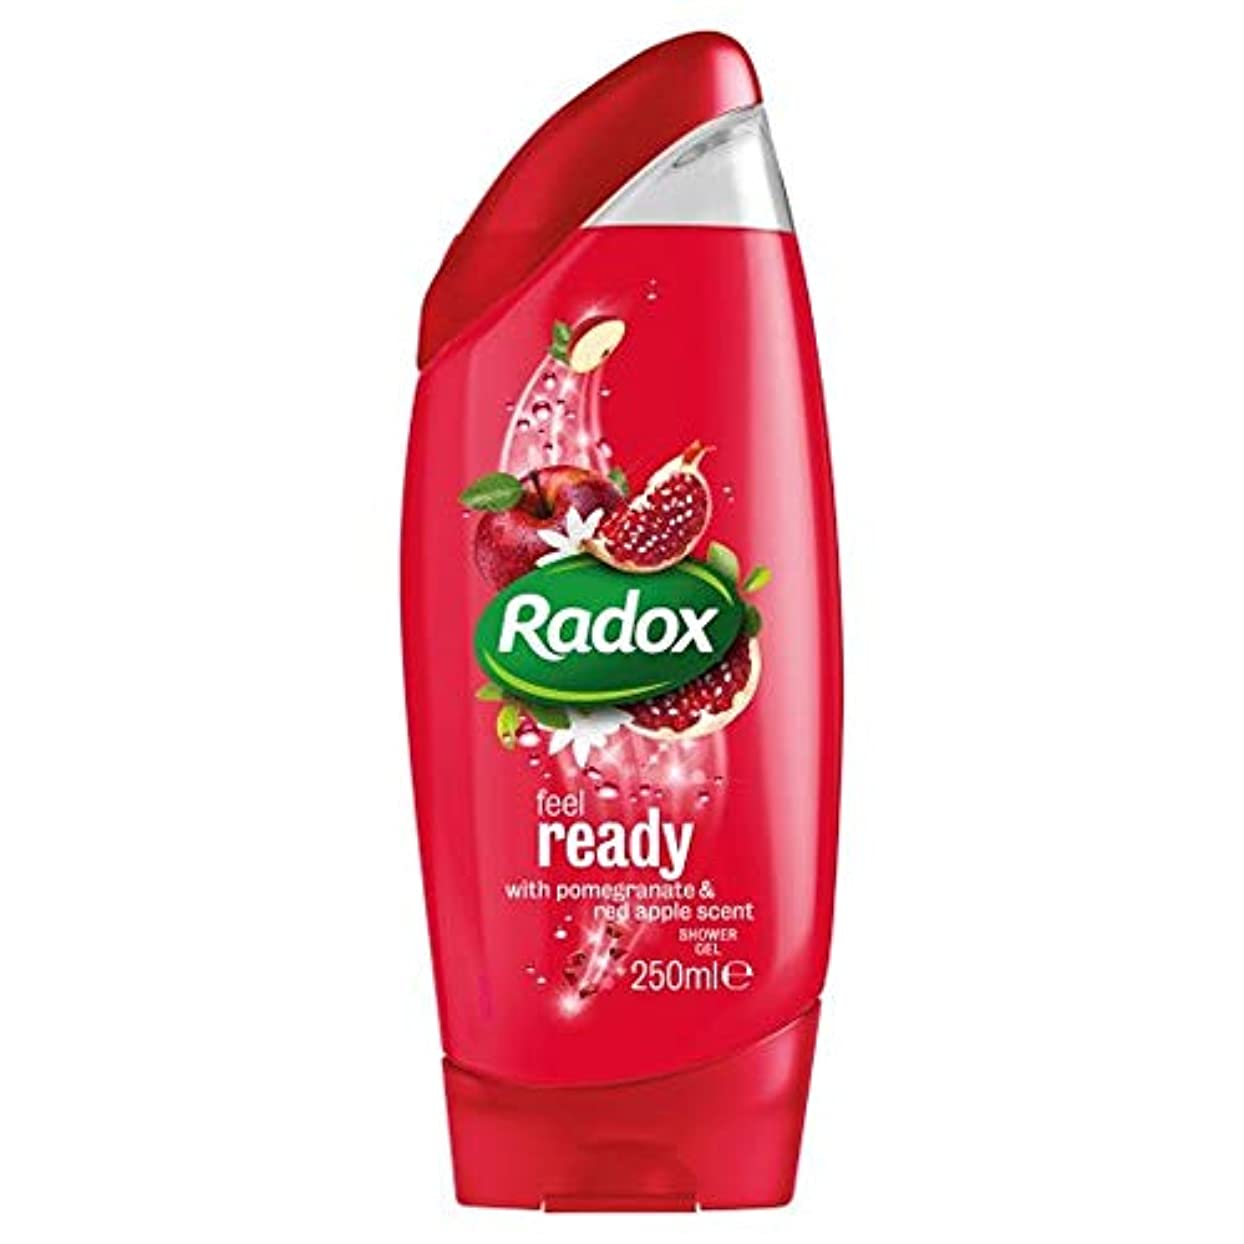 素晴らしき申し立てられたフォーム[Radox] Radoxは準備ができてシャワージェル250ミリリットルを感じます - Radox Feel Ready Shower Gel 250Ml [並行輸入品]